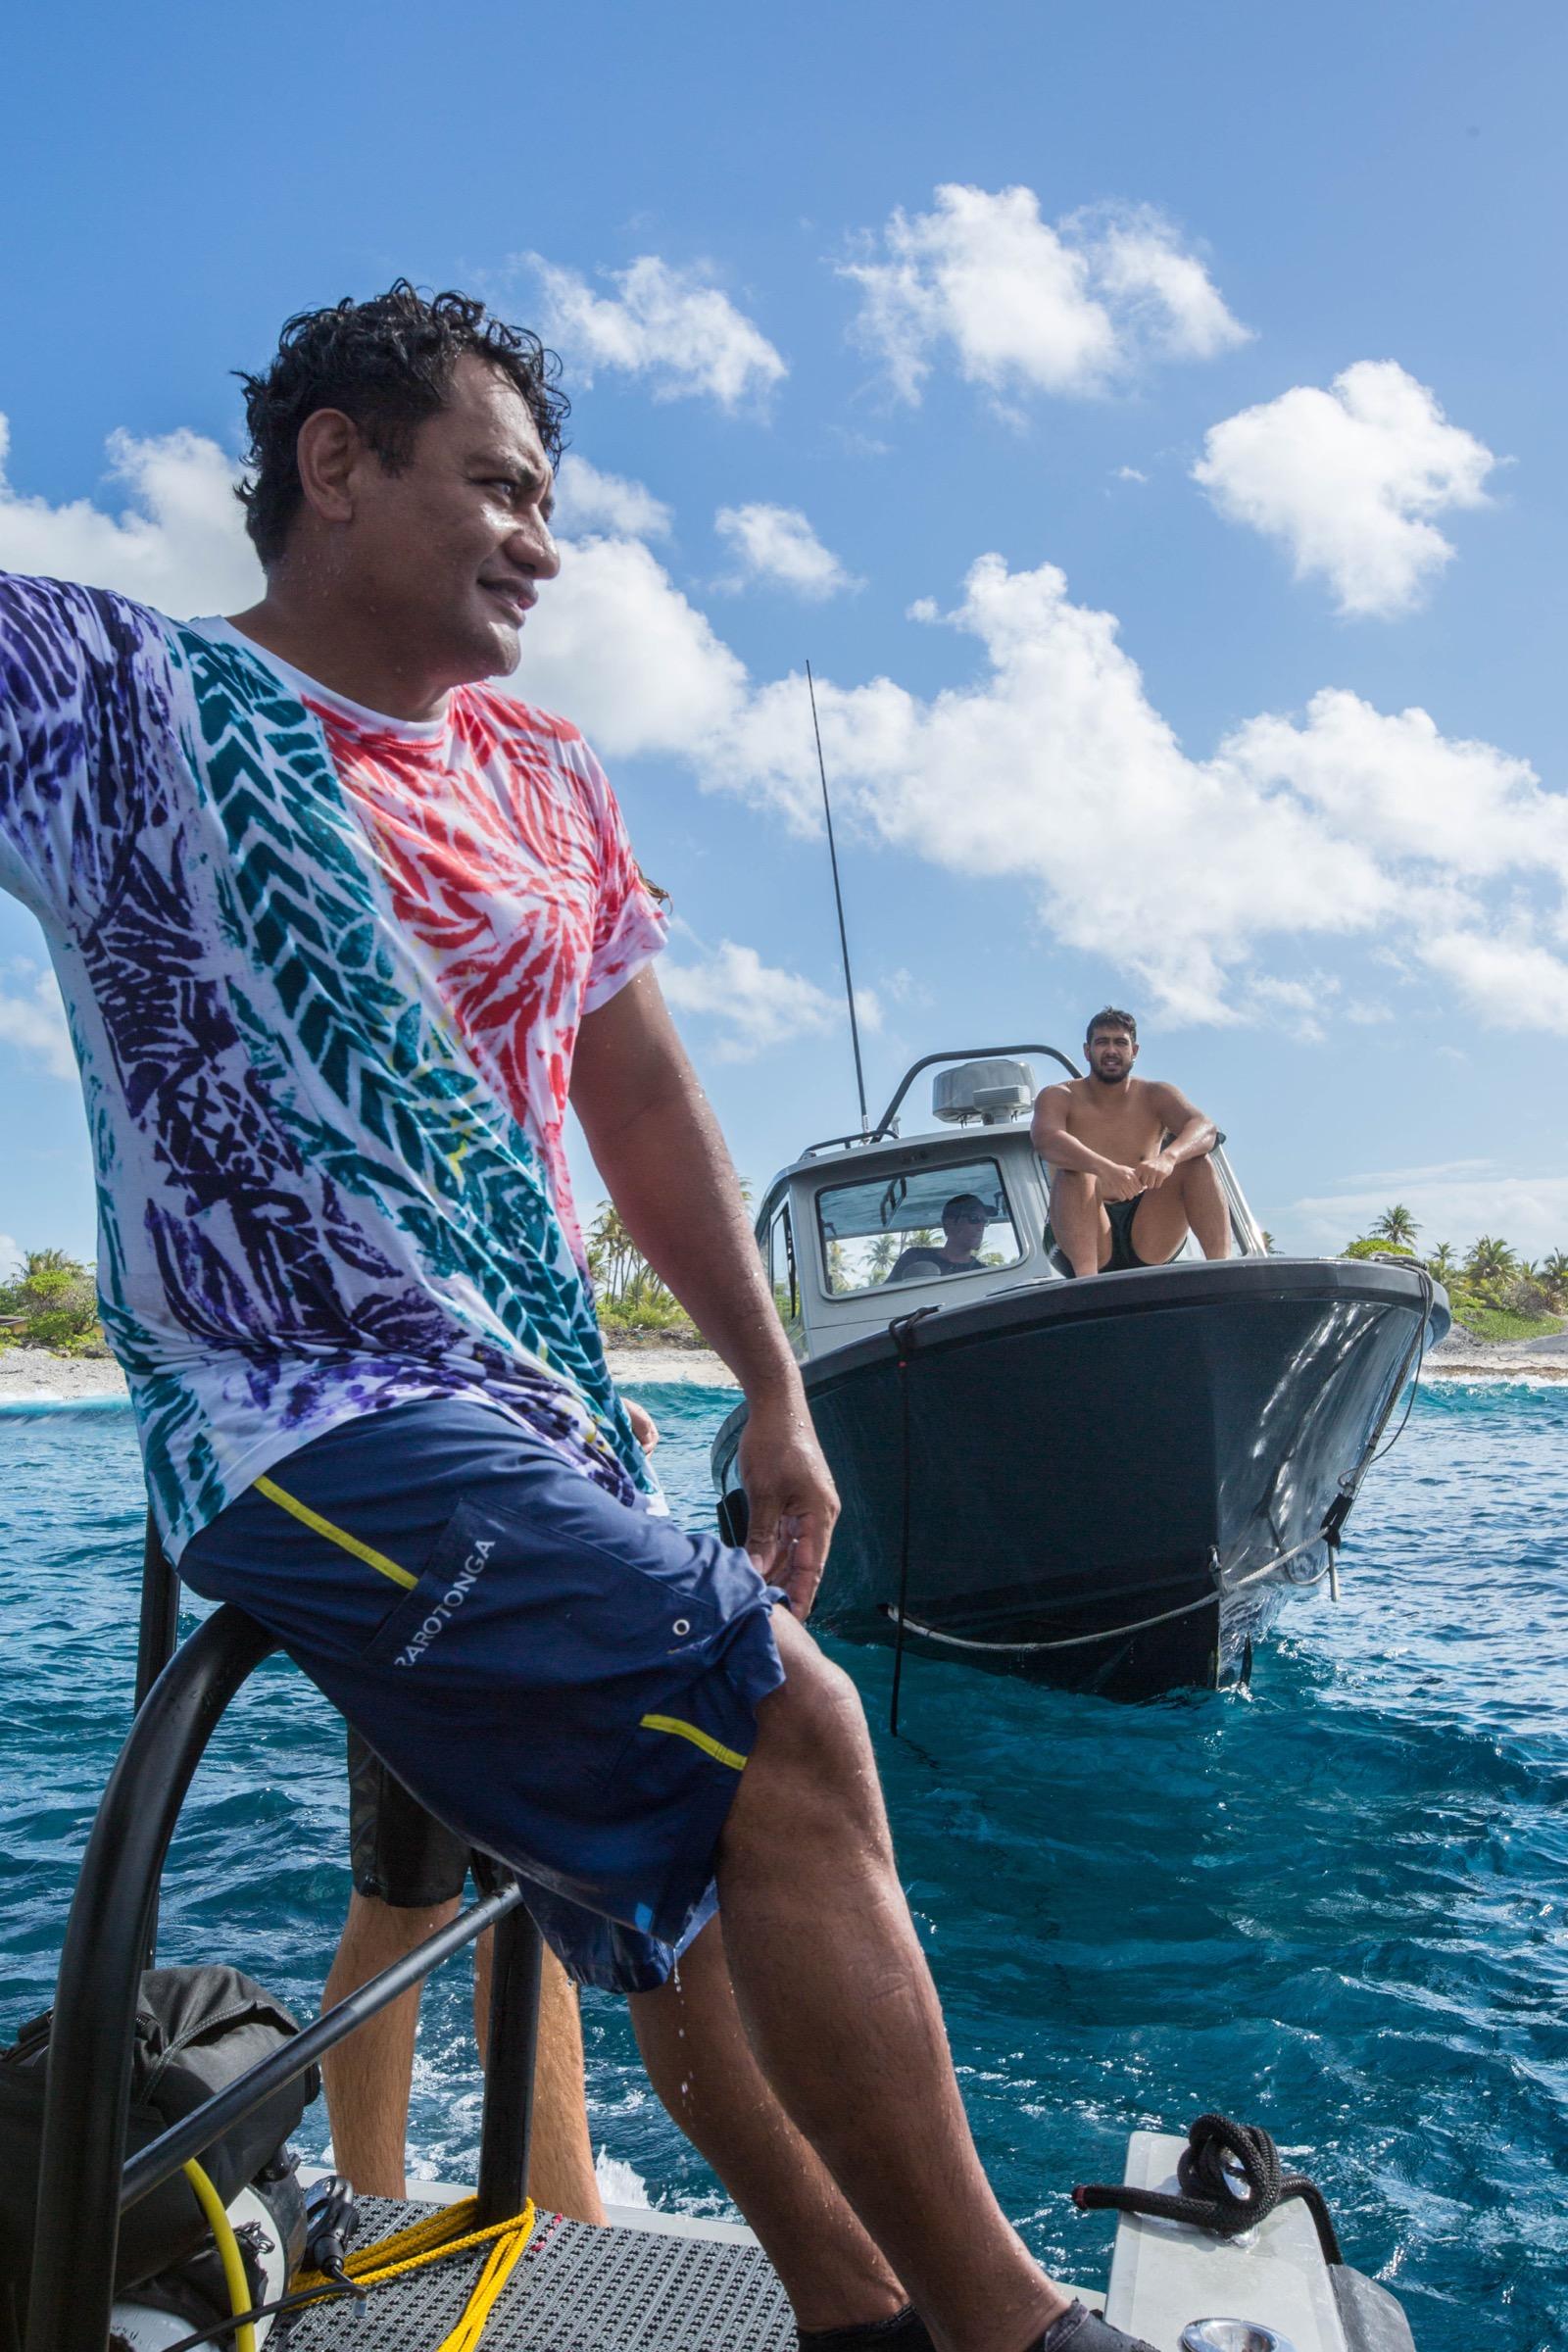 Teina Rongo takes a break between dives at Rarotonga. Photograph by Shayna Brody